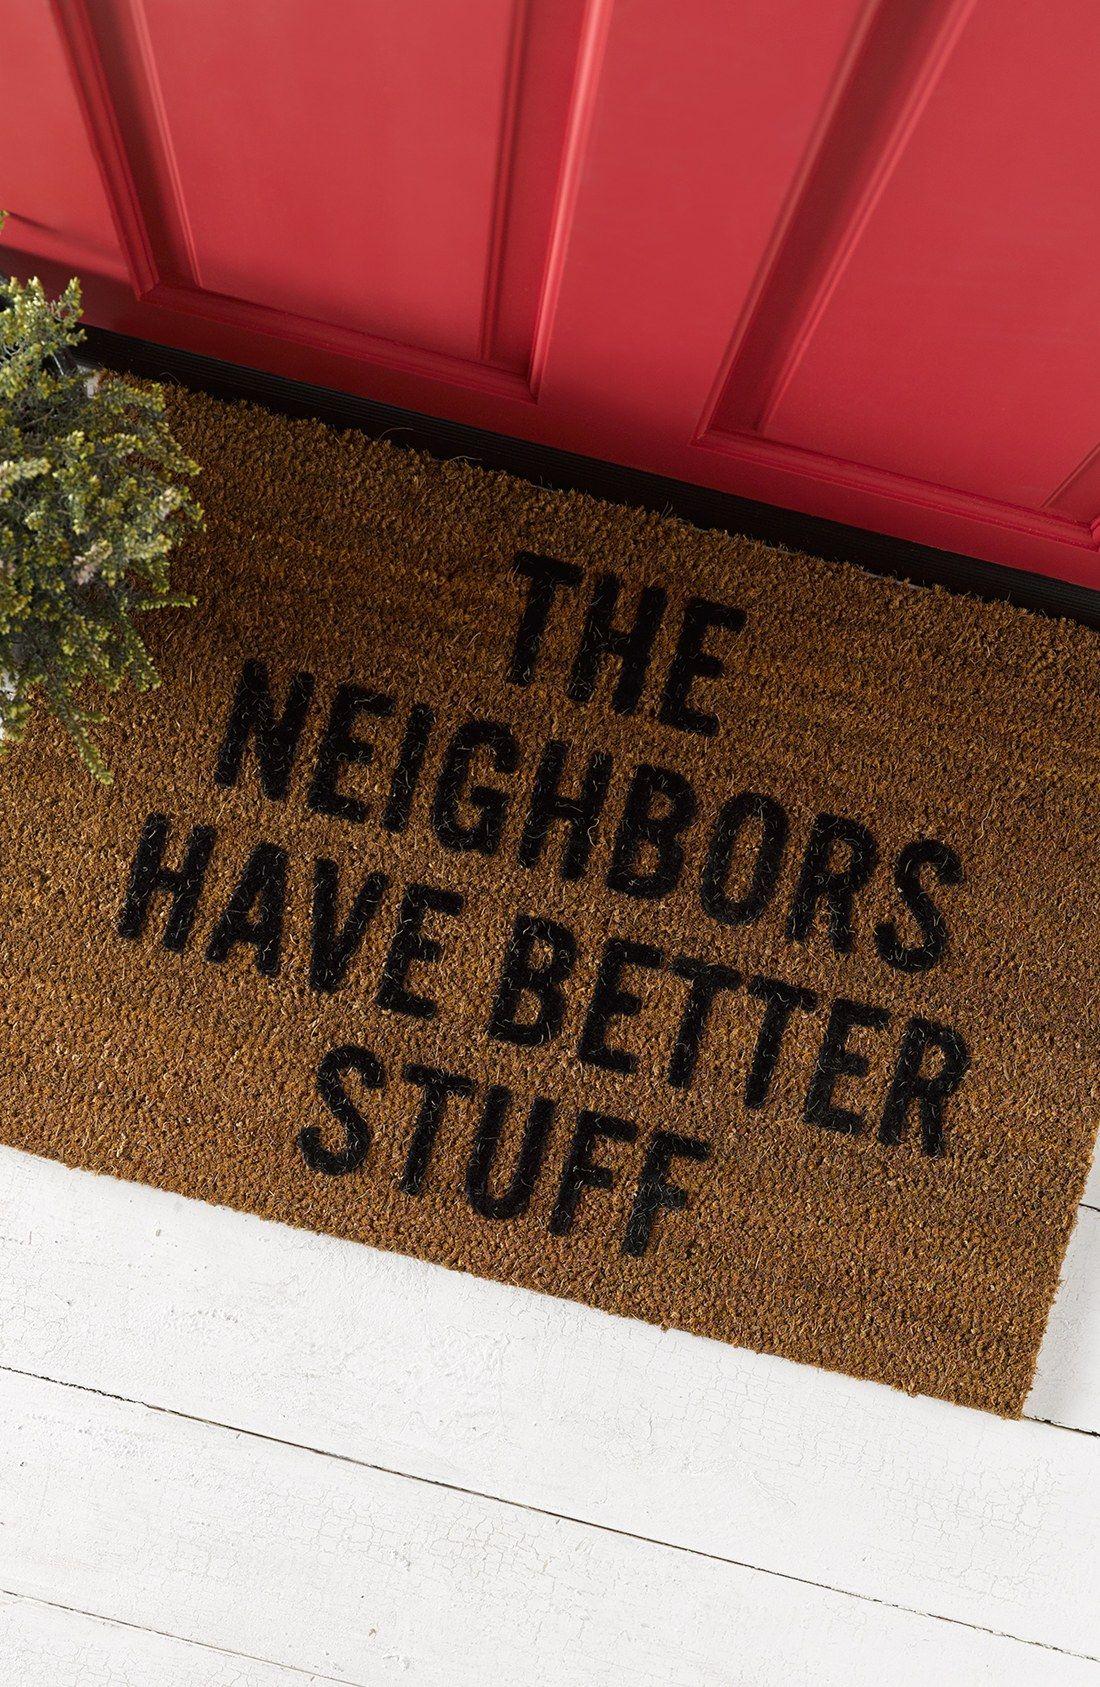 25 unique best doormat ideas on pinterest diy crafts for Unique best out of waste ideas